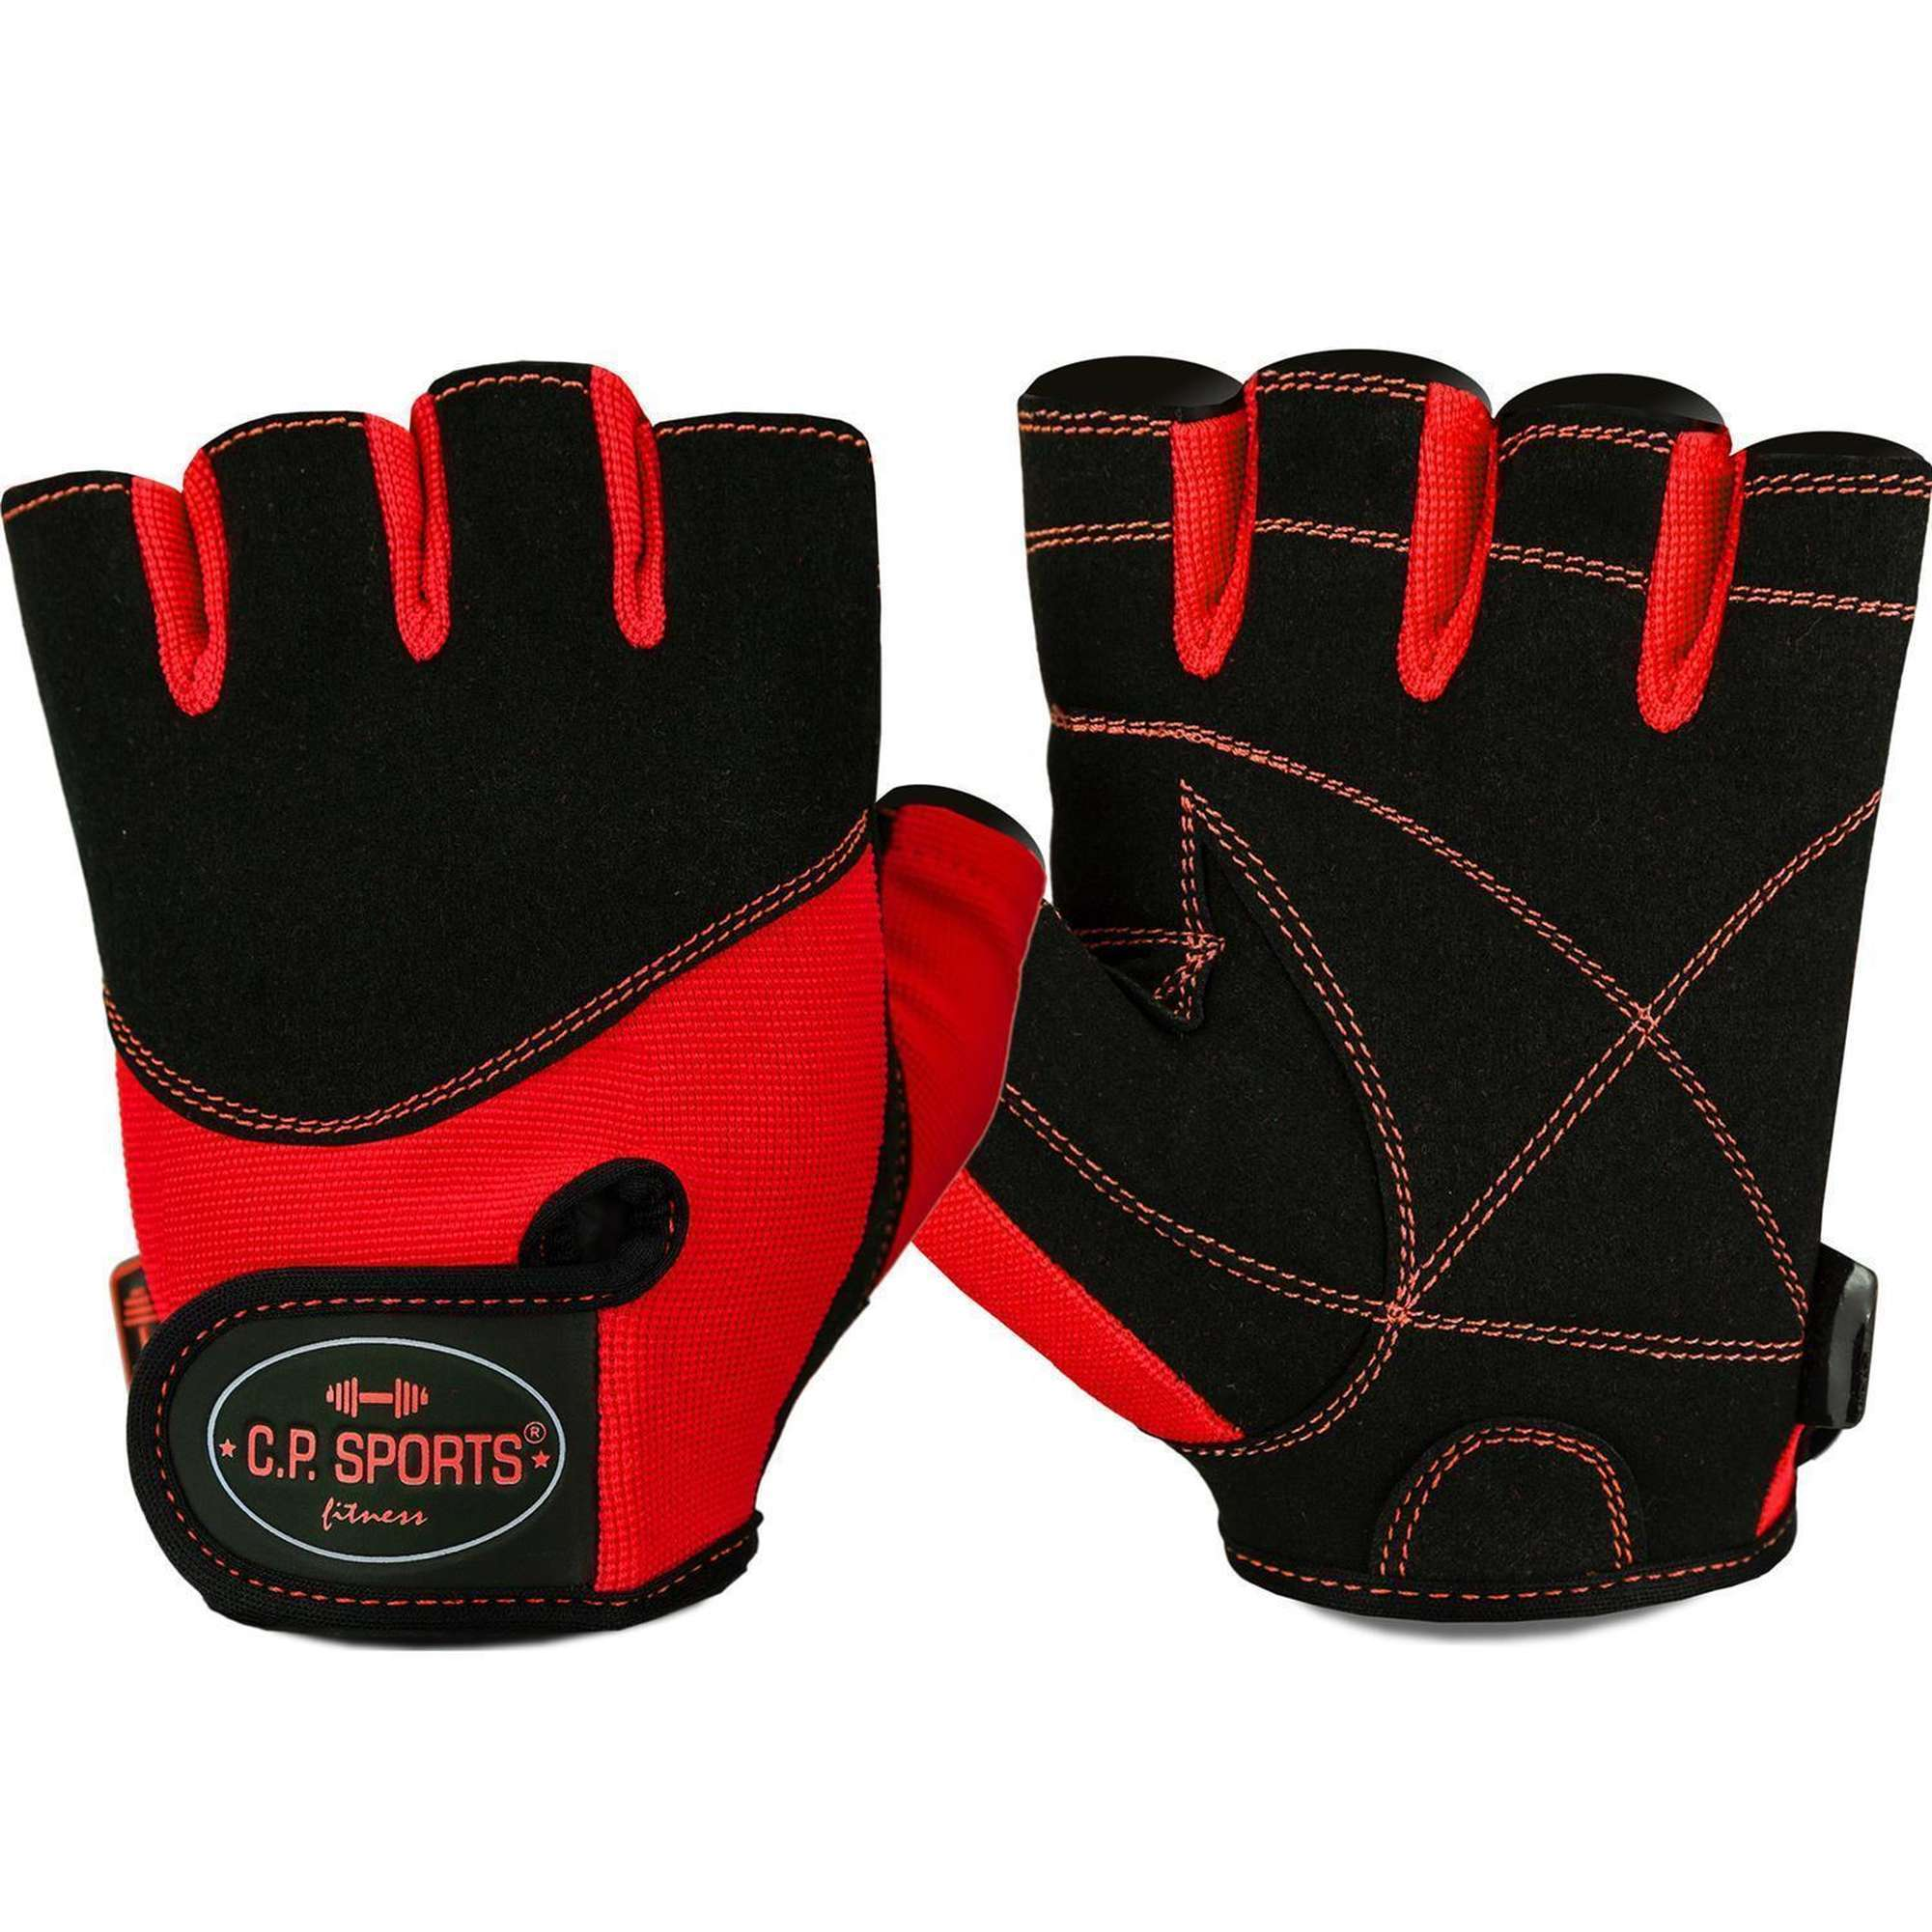 C.P Bodybuilding Sports Iron-Handschuh Komfort farbig Trainingshandschuh Fitness Handschuhe f/ür Damen und Herren Krafttraining Fitnesshandschuh